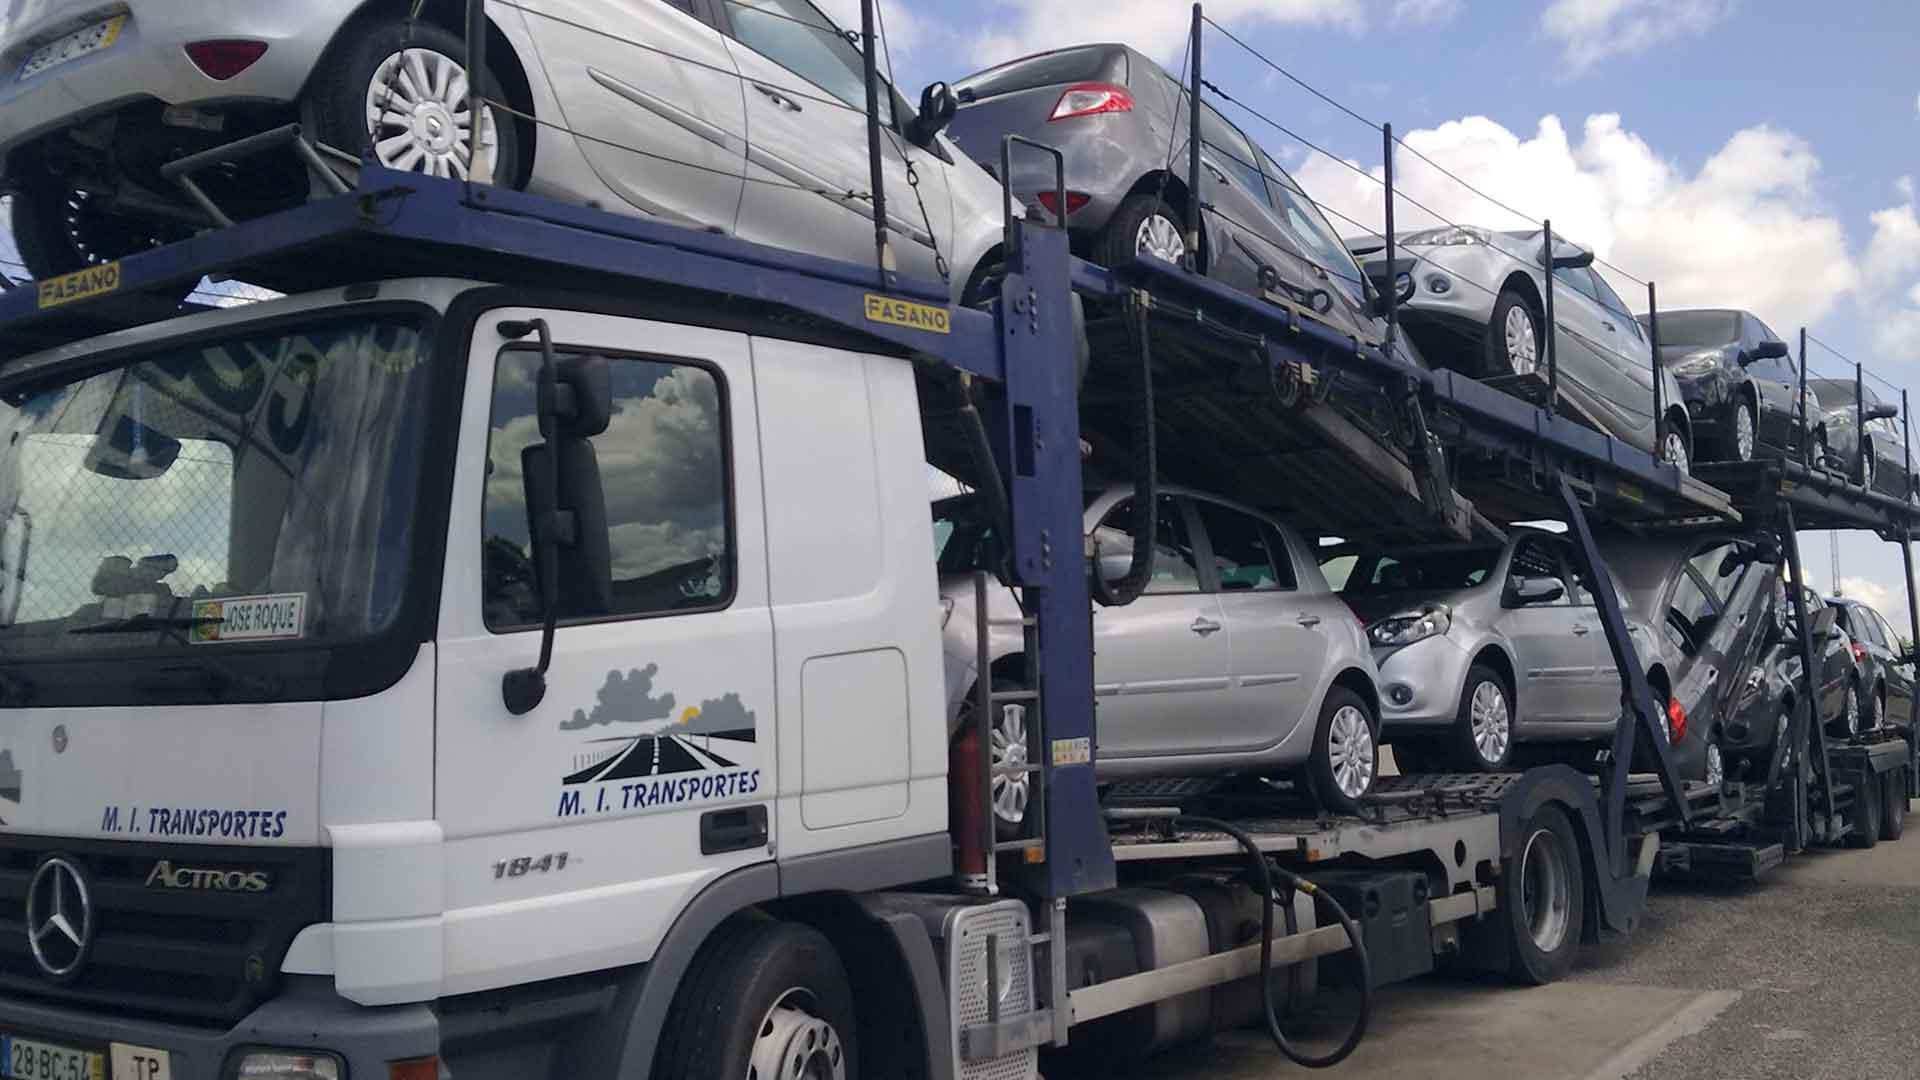 Transporte de automóveis - MI transportes de veiculos